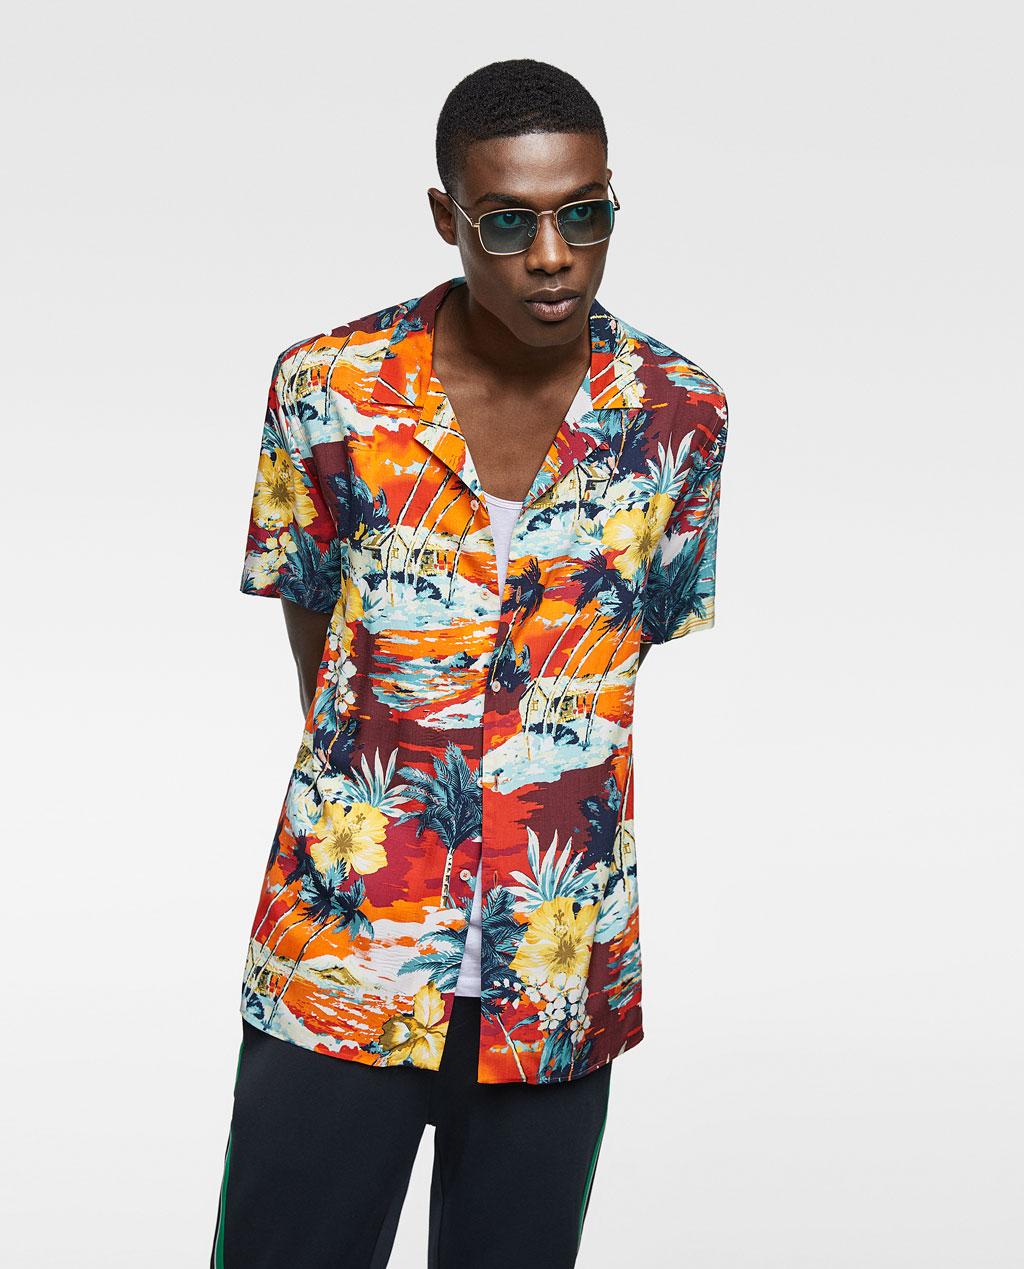 Thời trang nam Zara  23889 - ảnh 4